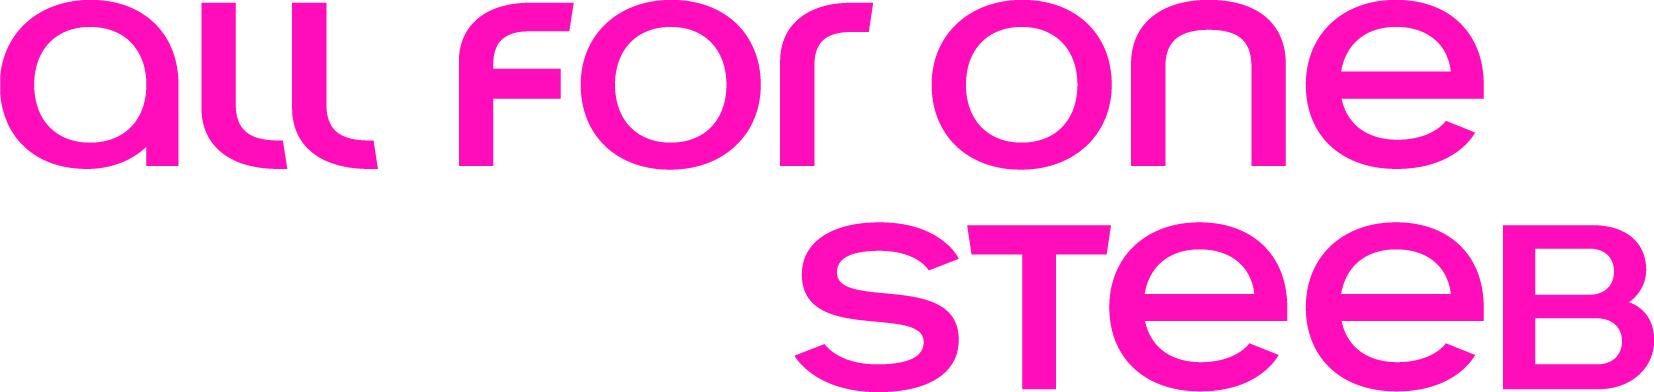 Logo-AllforOne